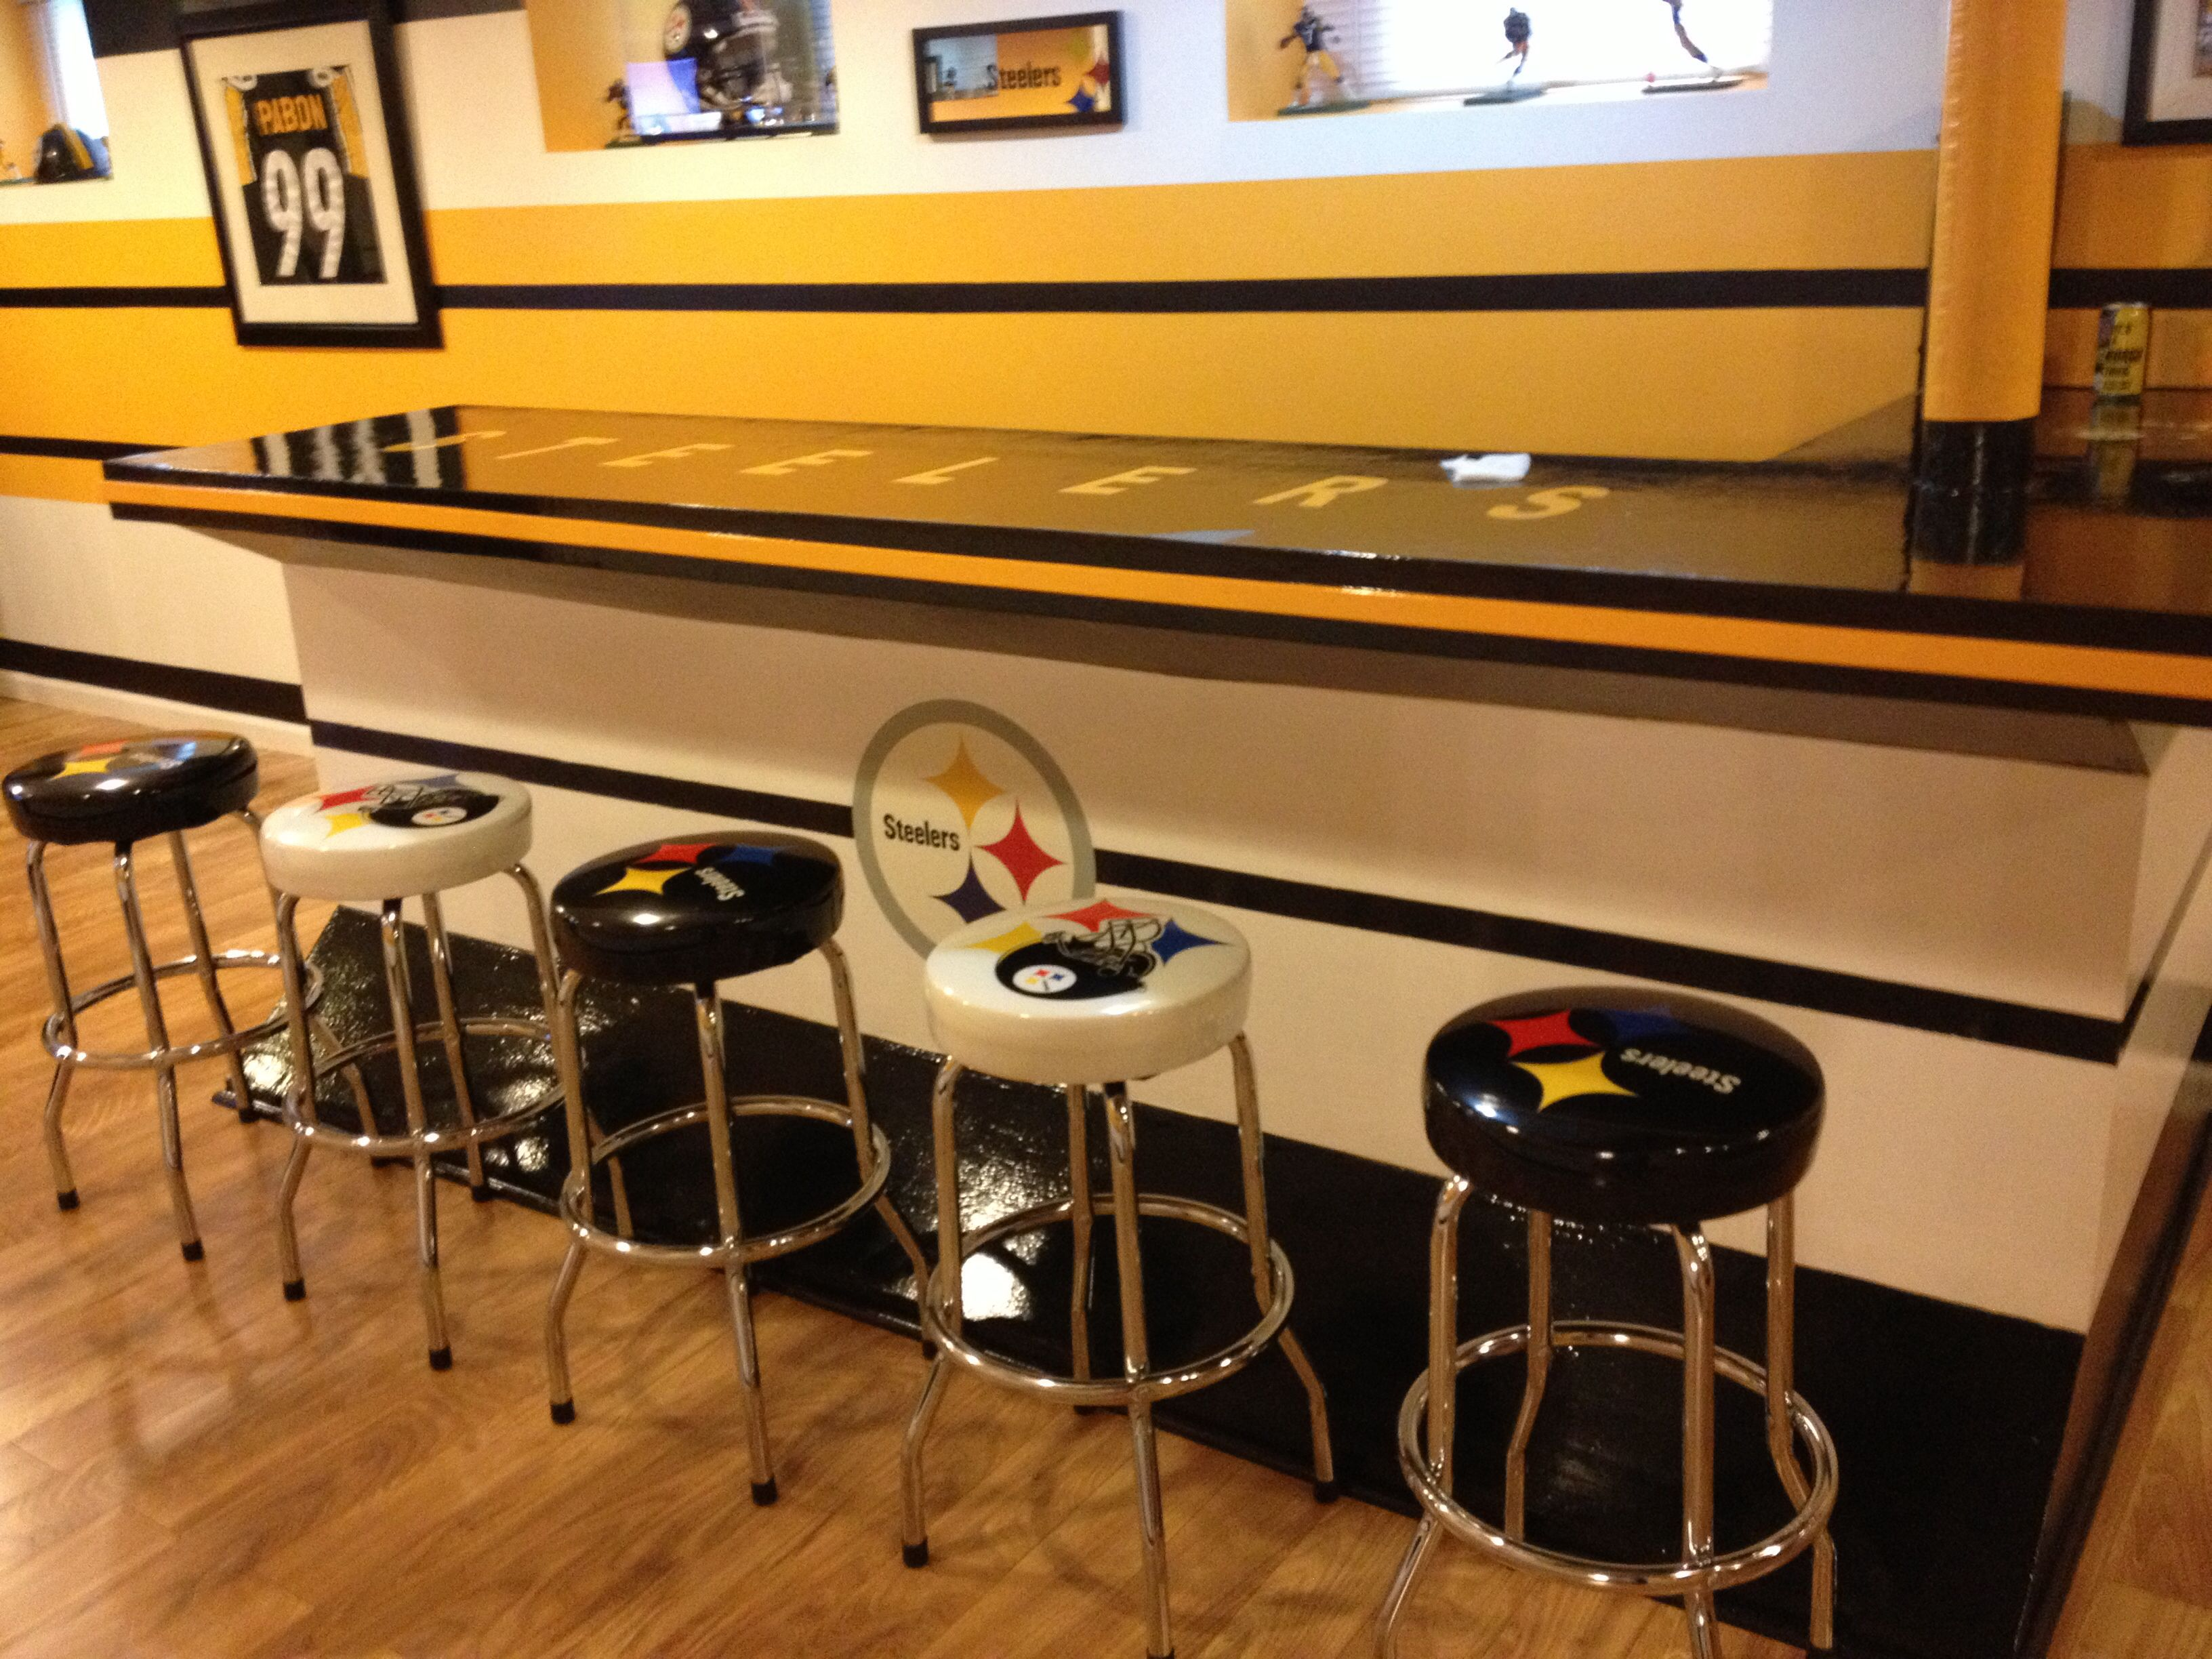 Steelers Bedroom